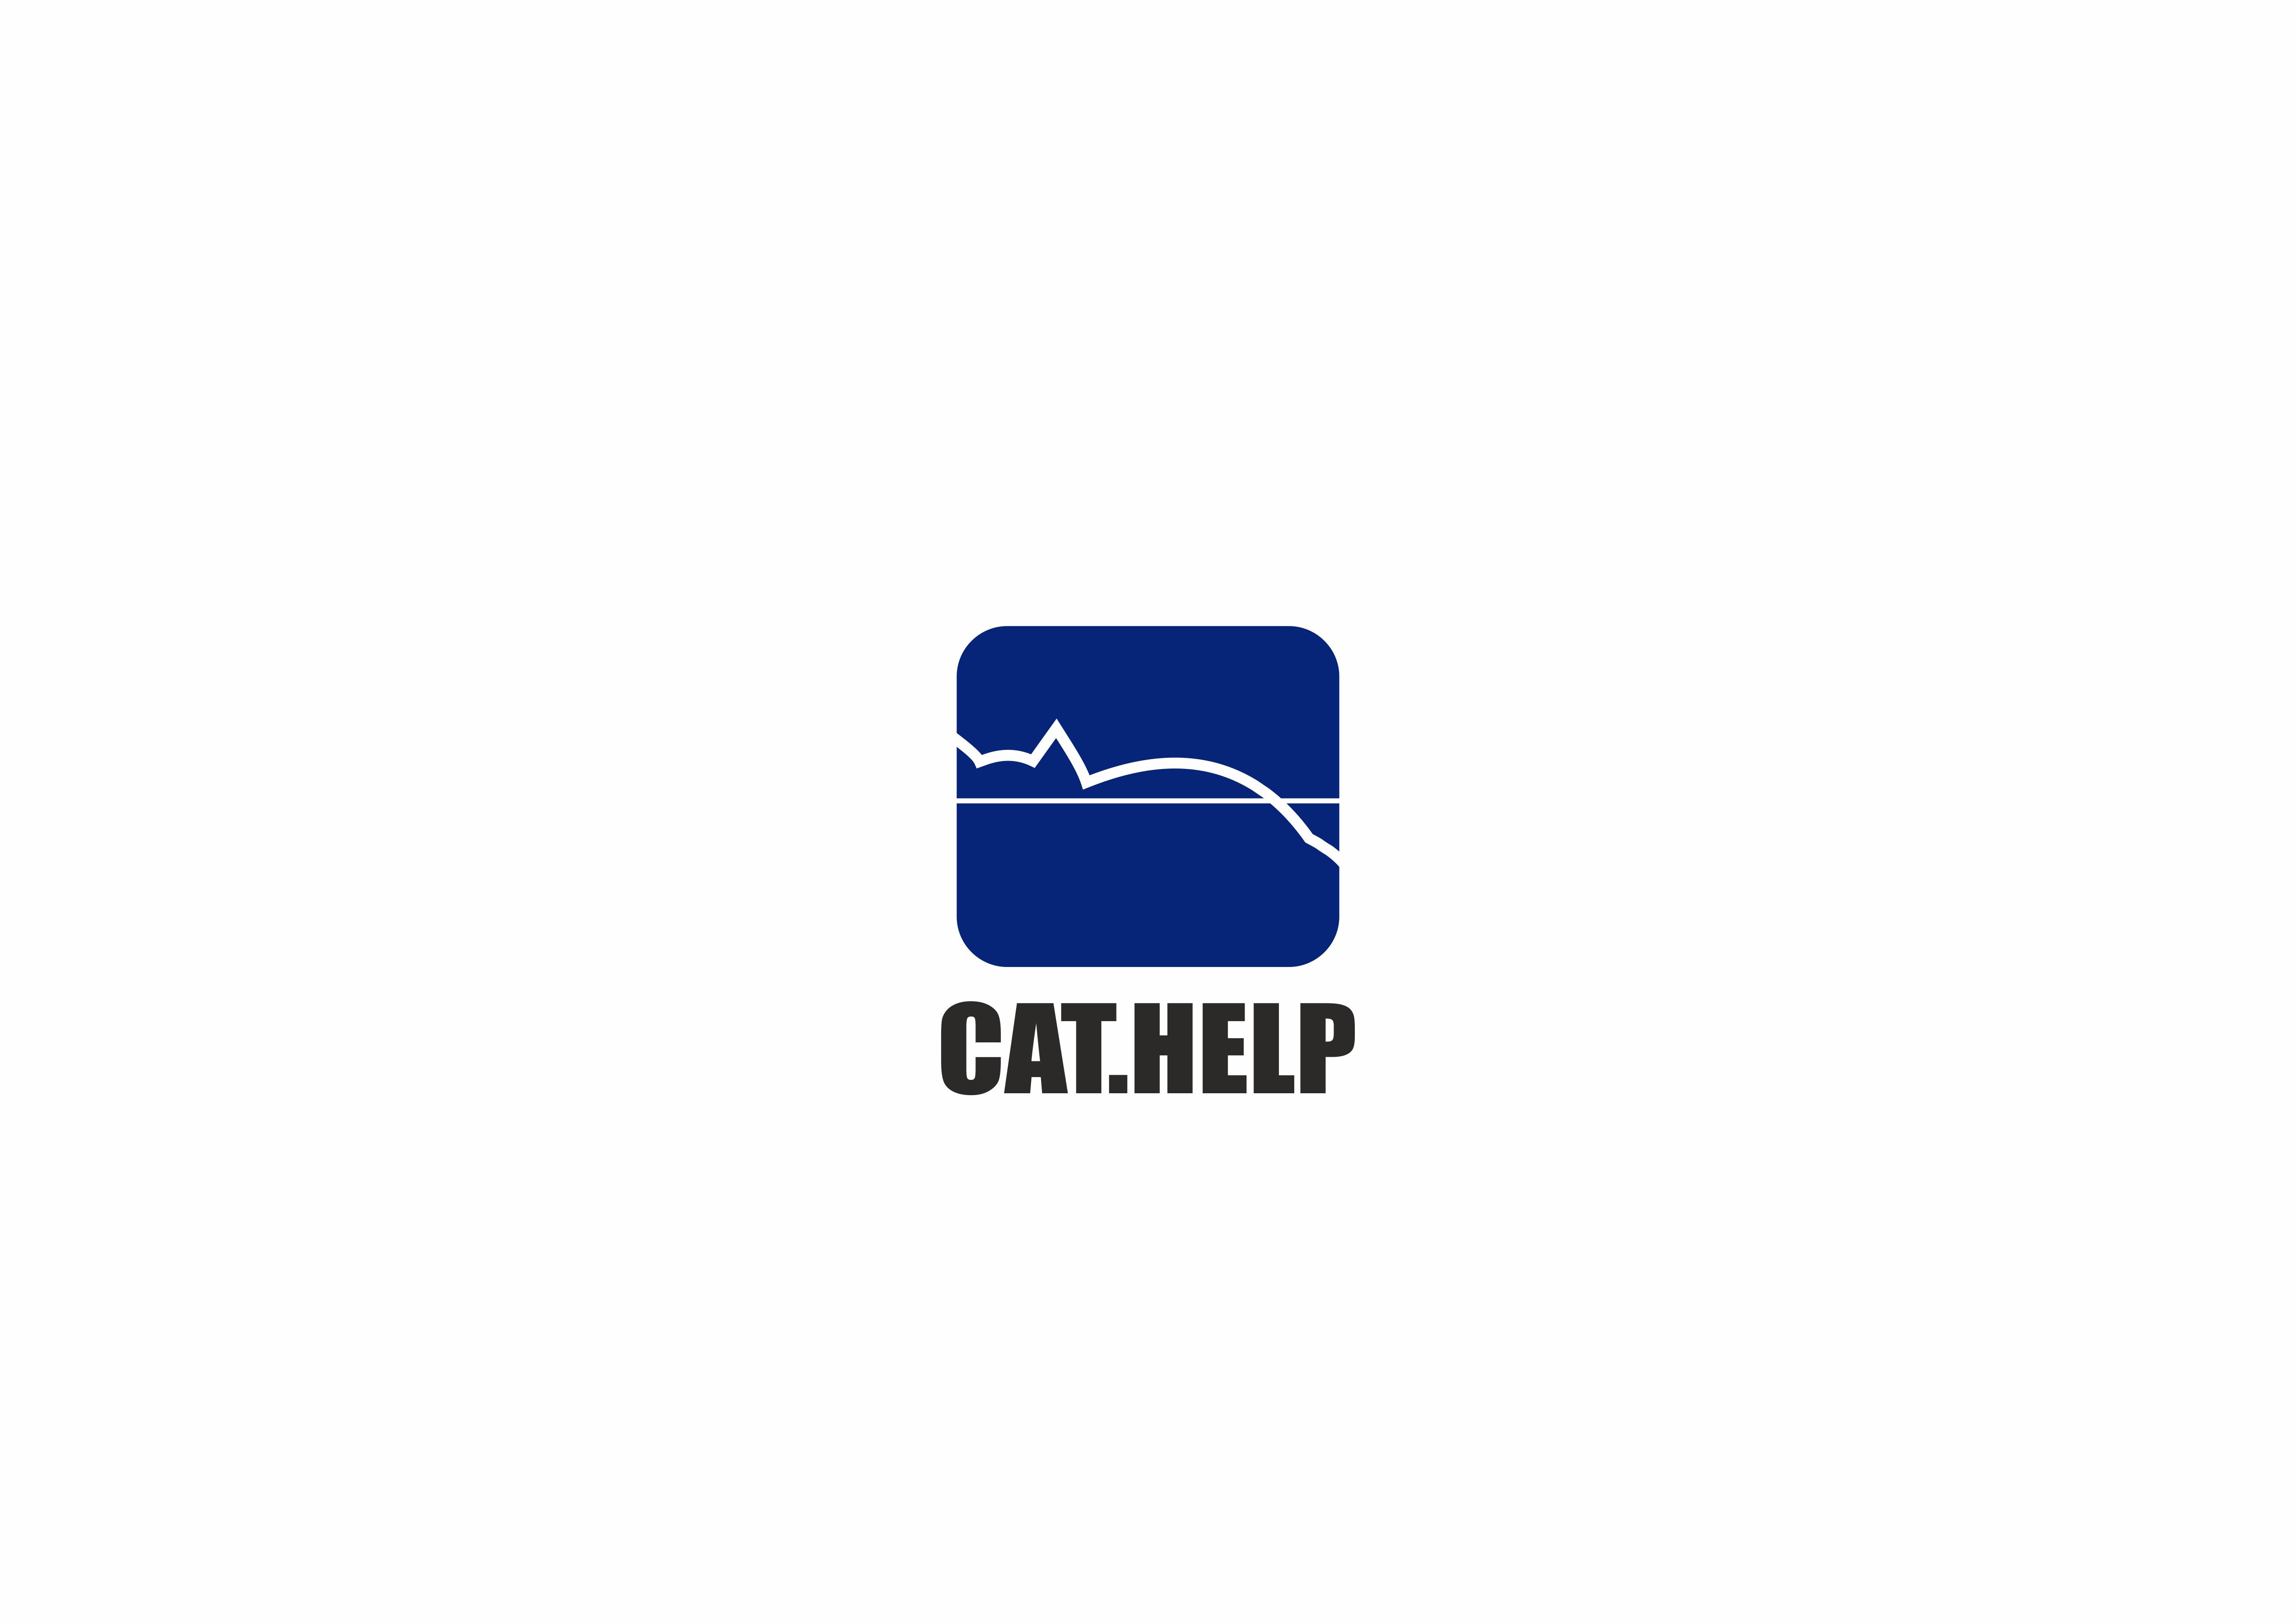 логотип для сайта и группы вк - cat.help фото f_56359e219138ac63.png